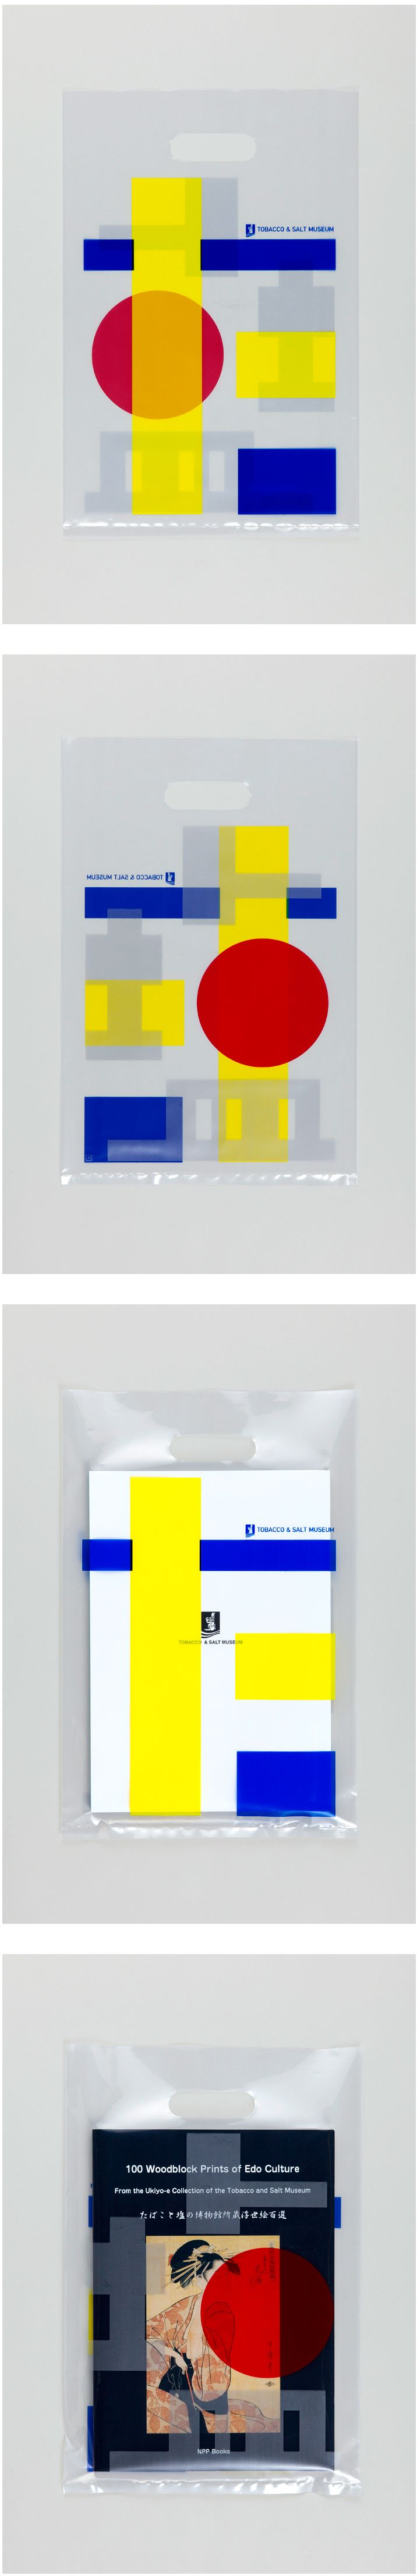 たばこと塩の博物館ビニールバッグ | homesickdesign, creative shopping bag